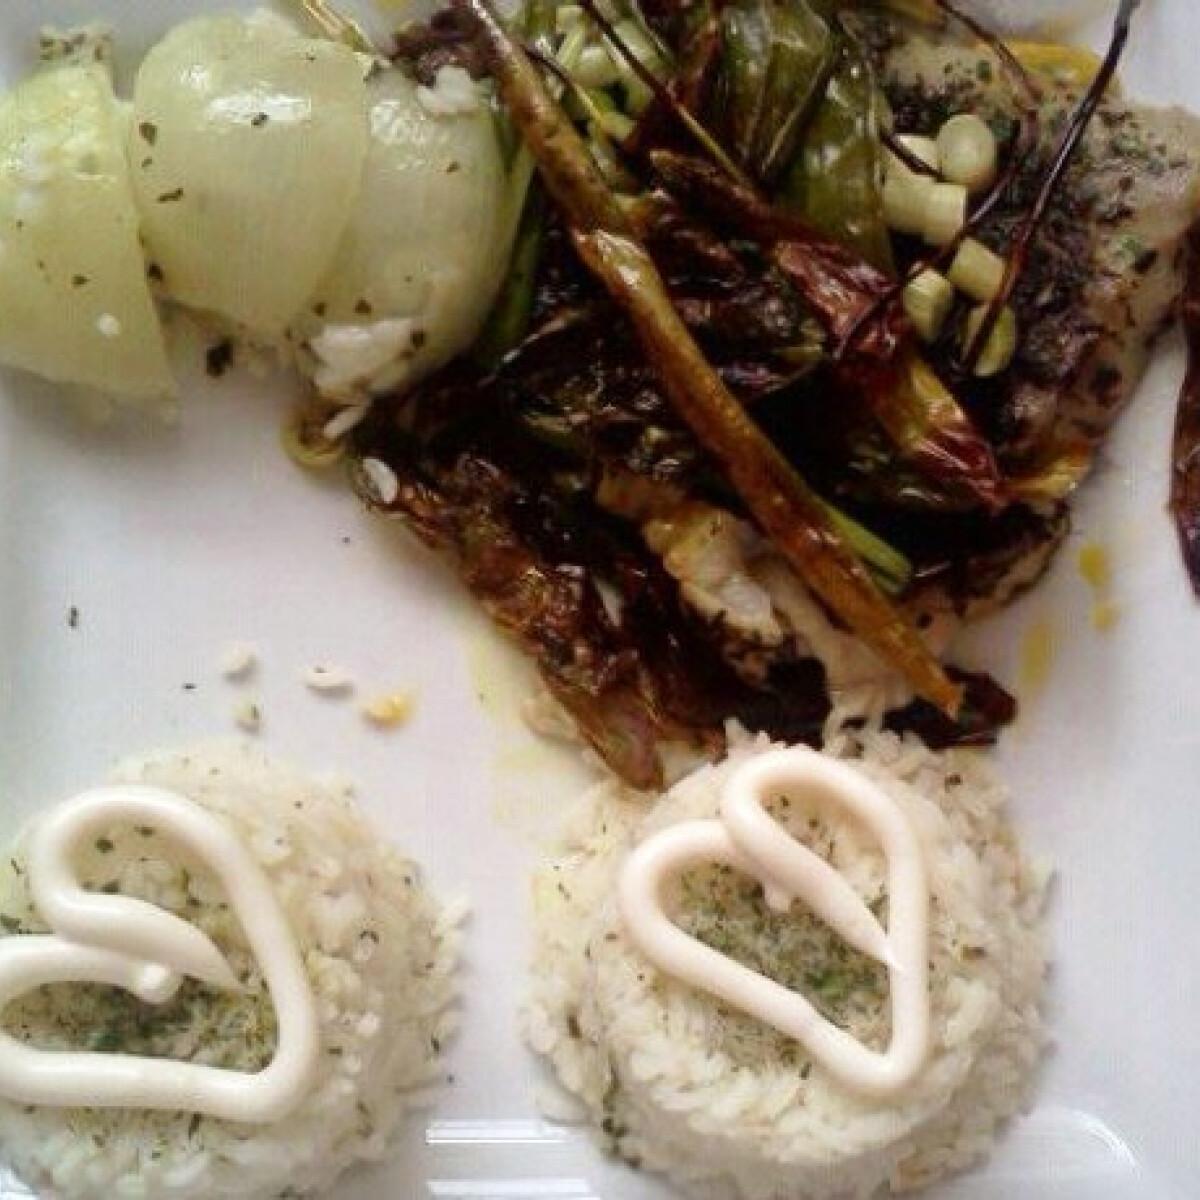 Ezen a képen: Medvehagymában sült hal